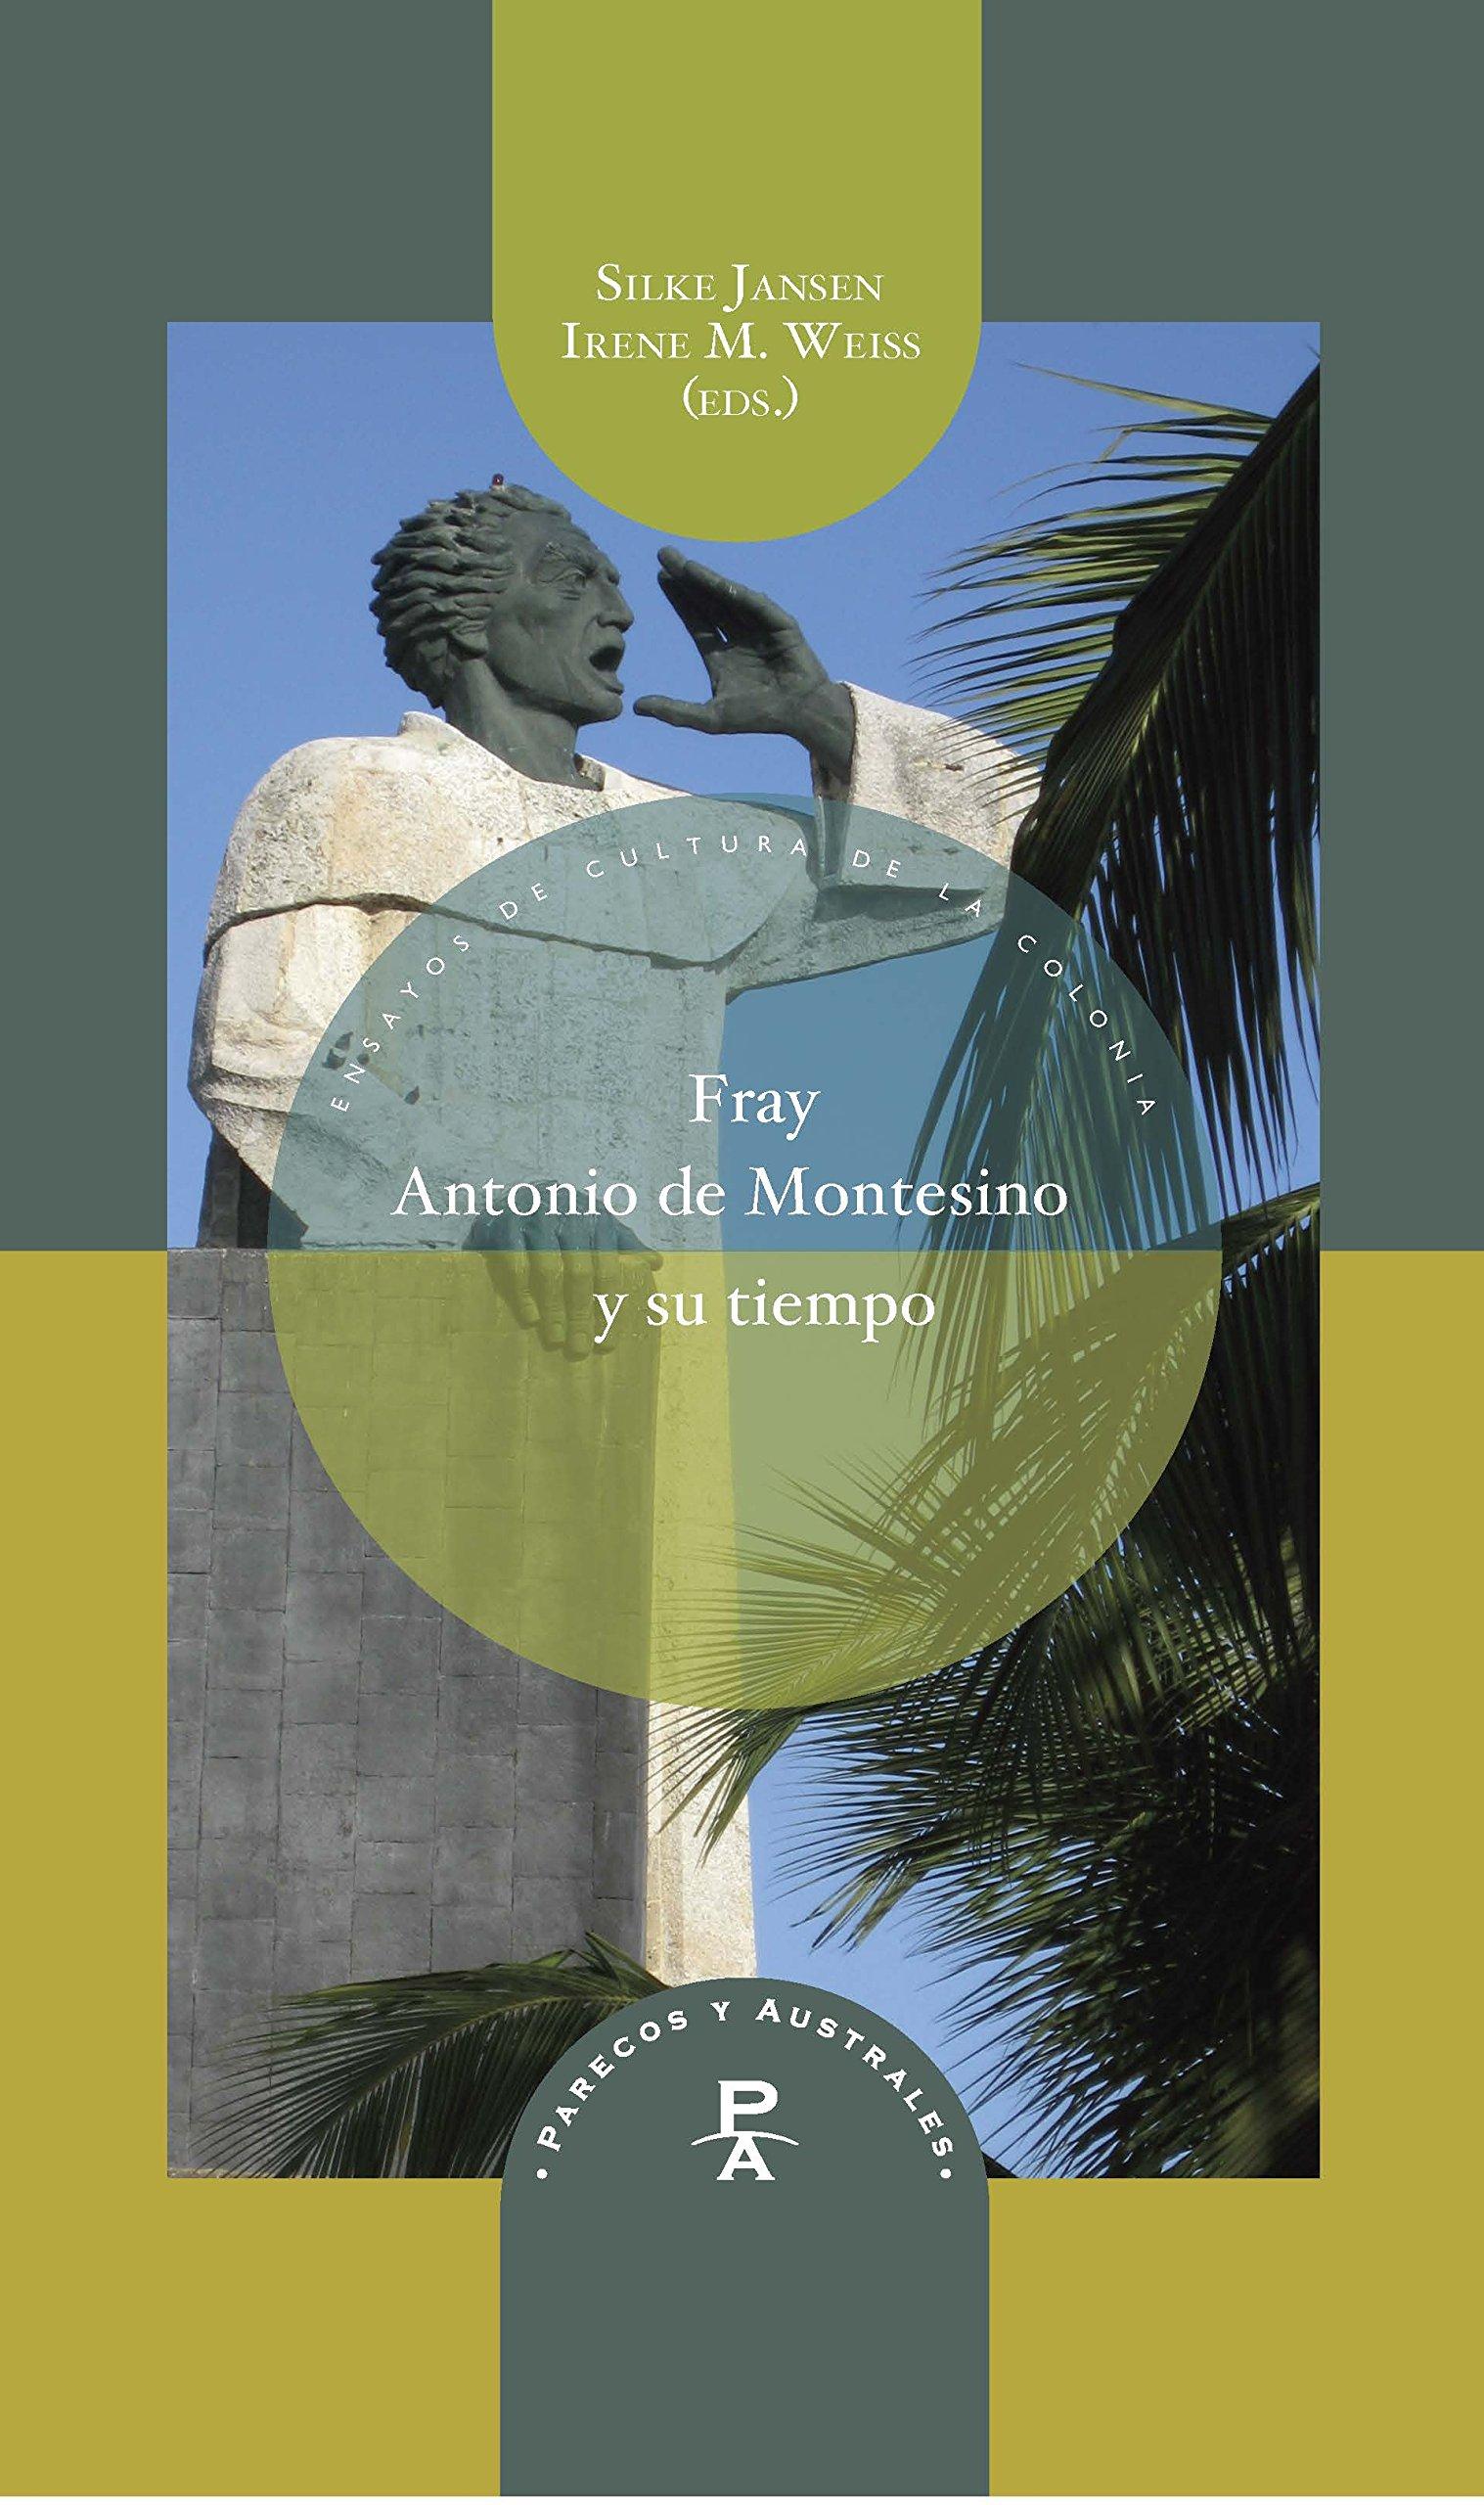 Fray Antonio de Montesino y su tiempo Parecos y australes. Ensayos de Cultura de la Colonia: Amazon.es: Silke Jansen, Irene M. Weiss (eds.).: Libros